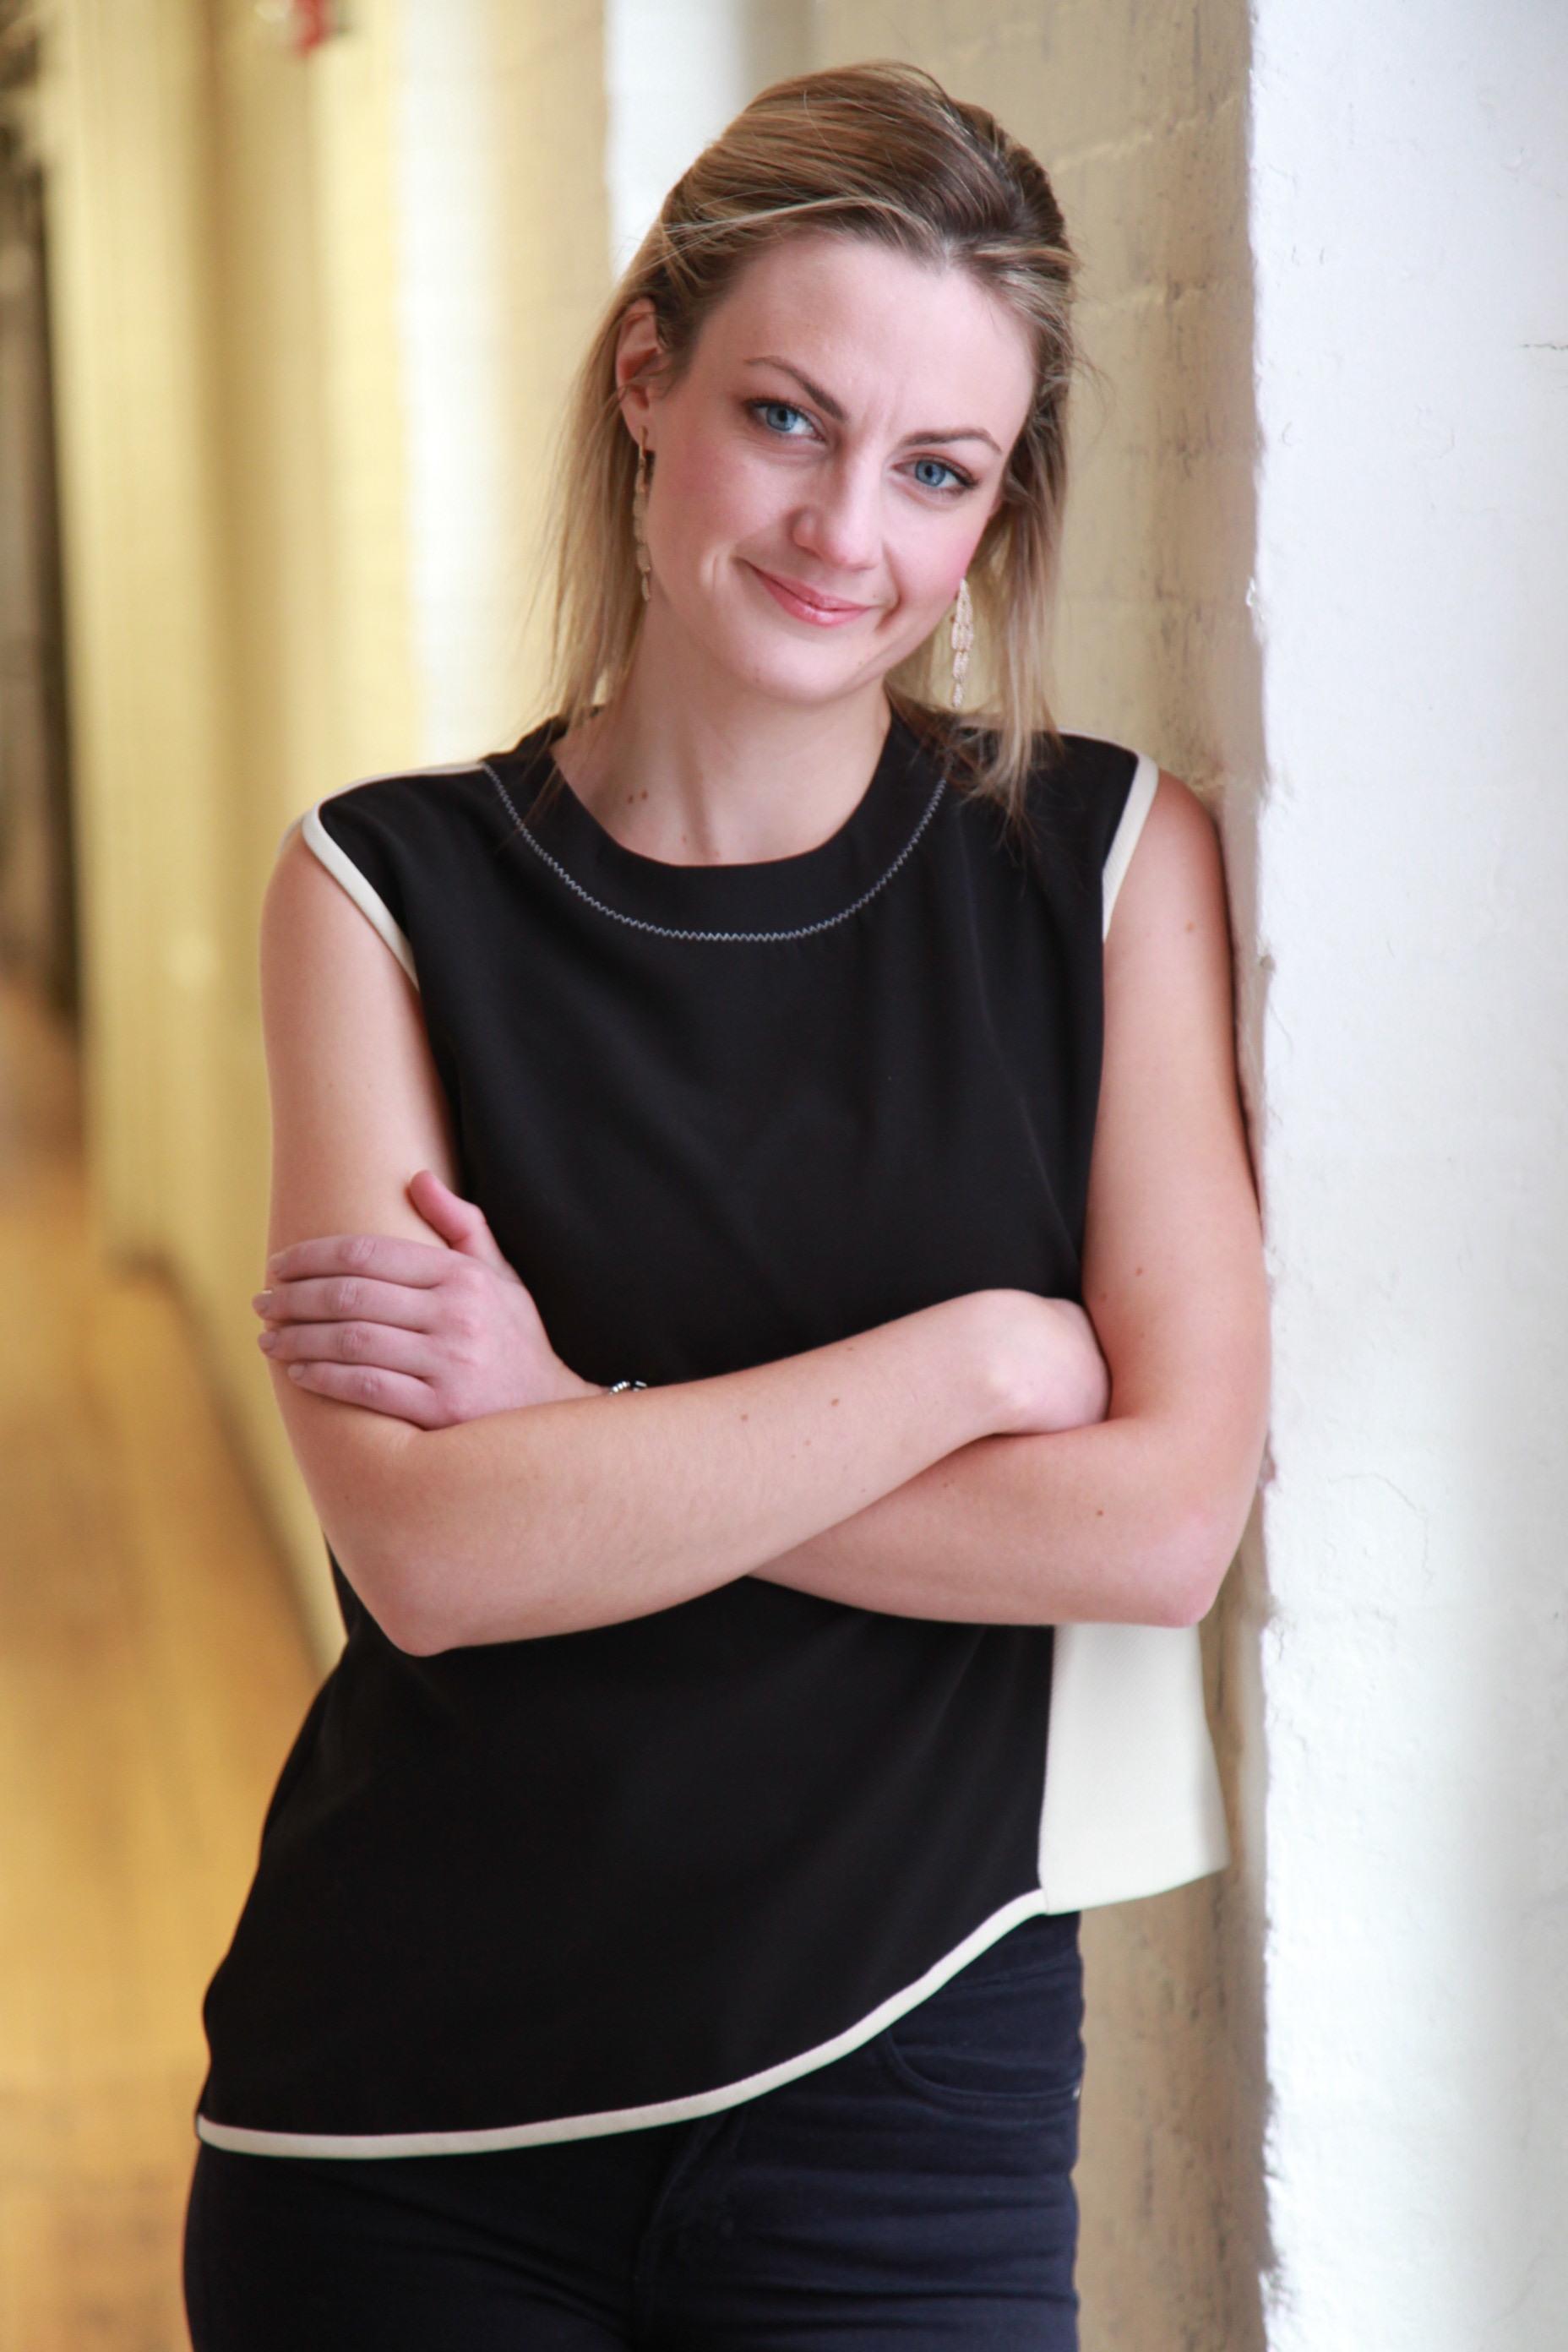 Sinéad O'Sullivan